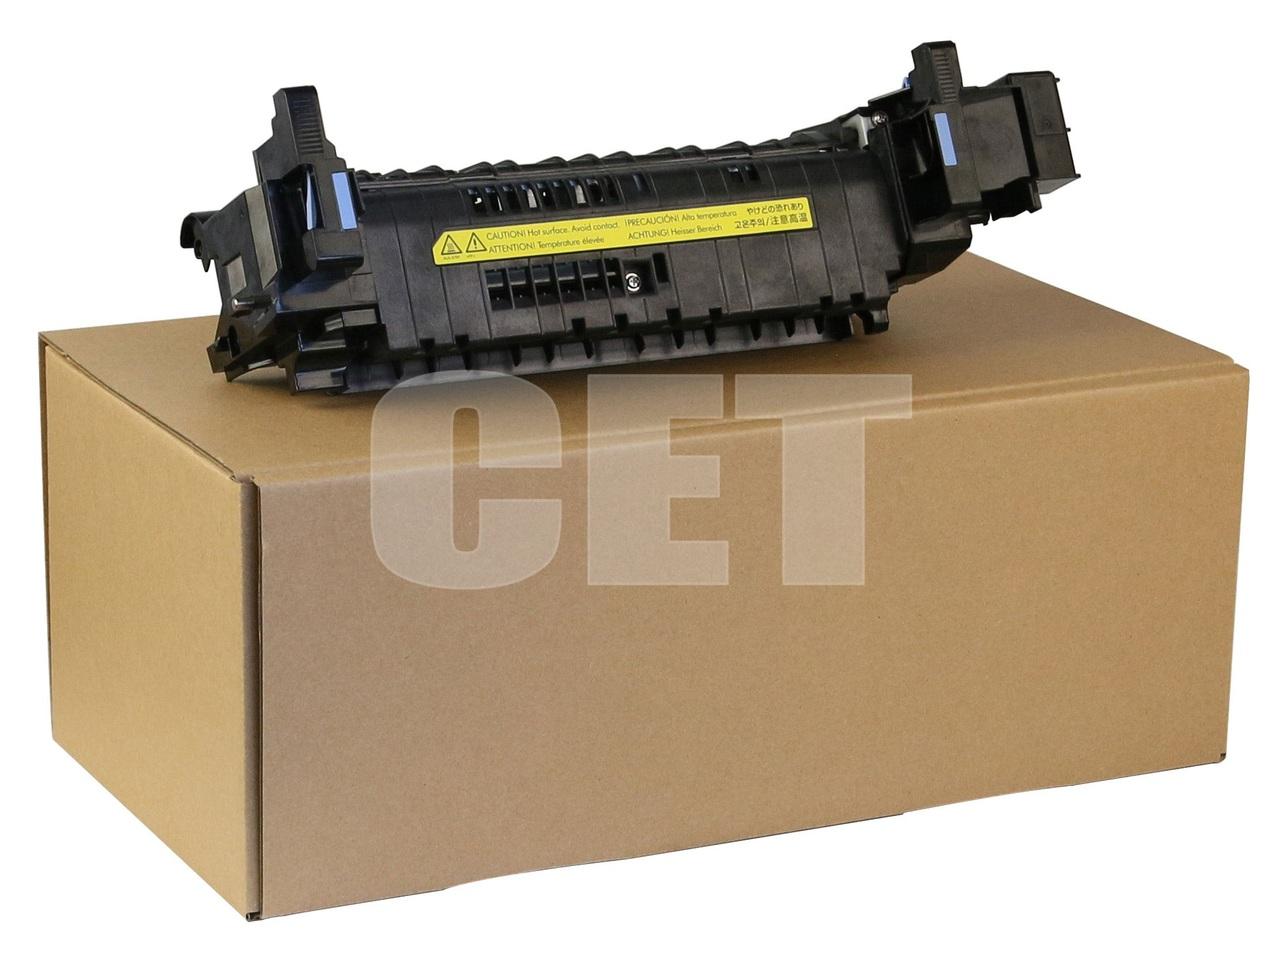 Фьюзер (печка) в сборе RM2-1257-000 для HP LaserJetEnterprise M607dn/608dn/609dn (CET), 170000 стр., CET7719